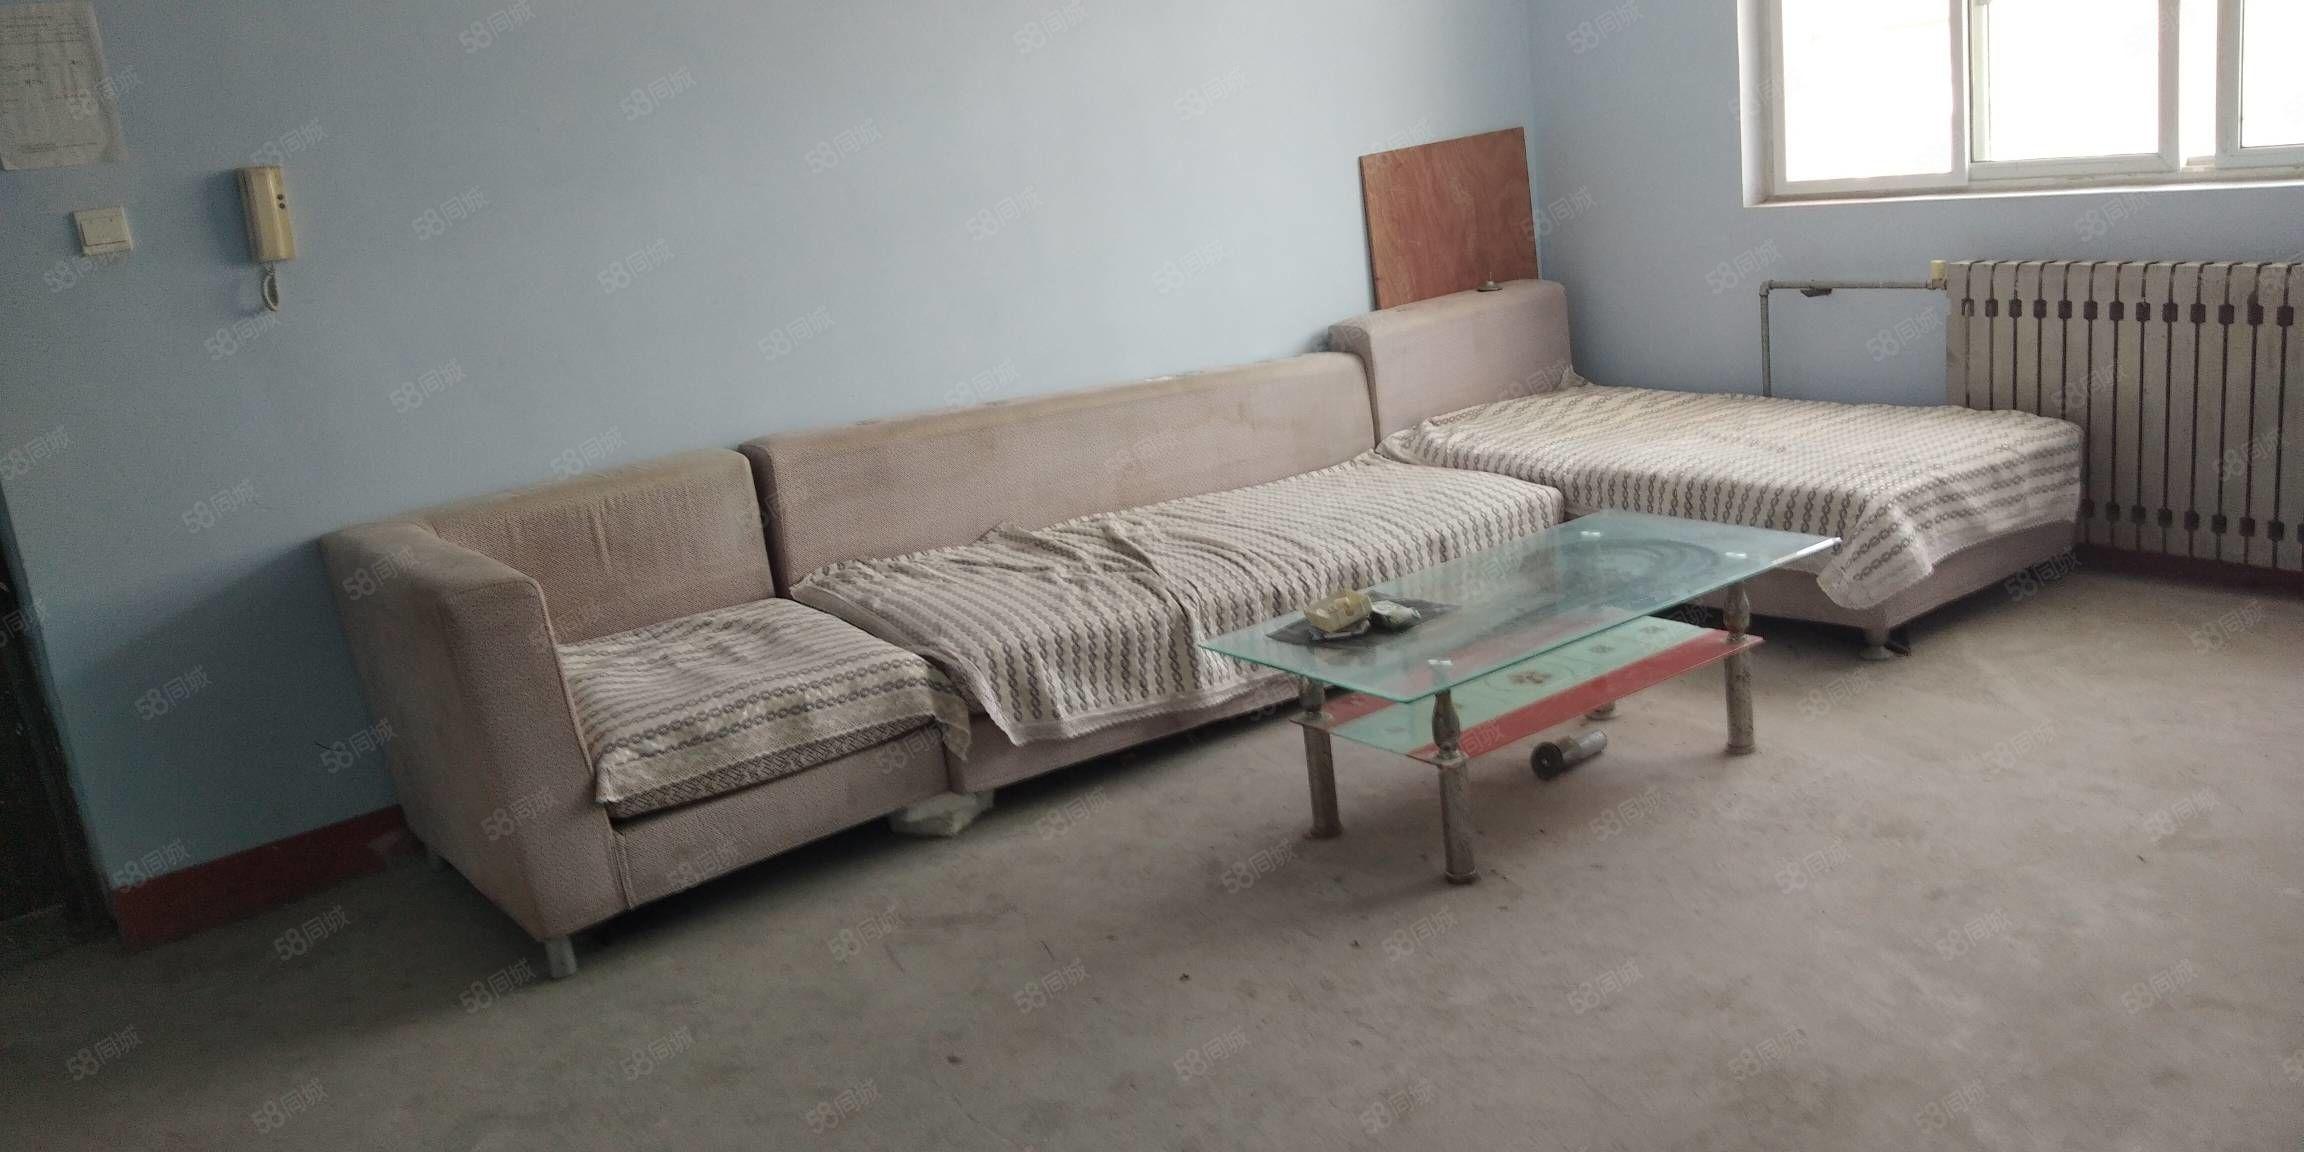 水泉社区简装两室出租家具其全能洗澡能做饭随时看房紧邻泰开蒙牛